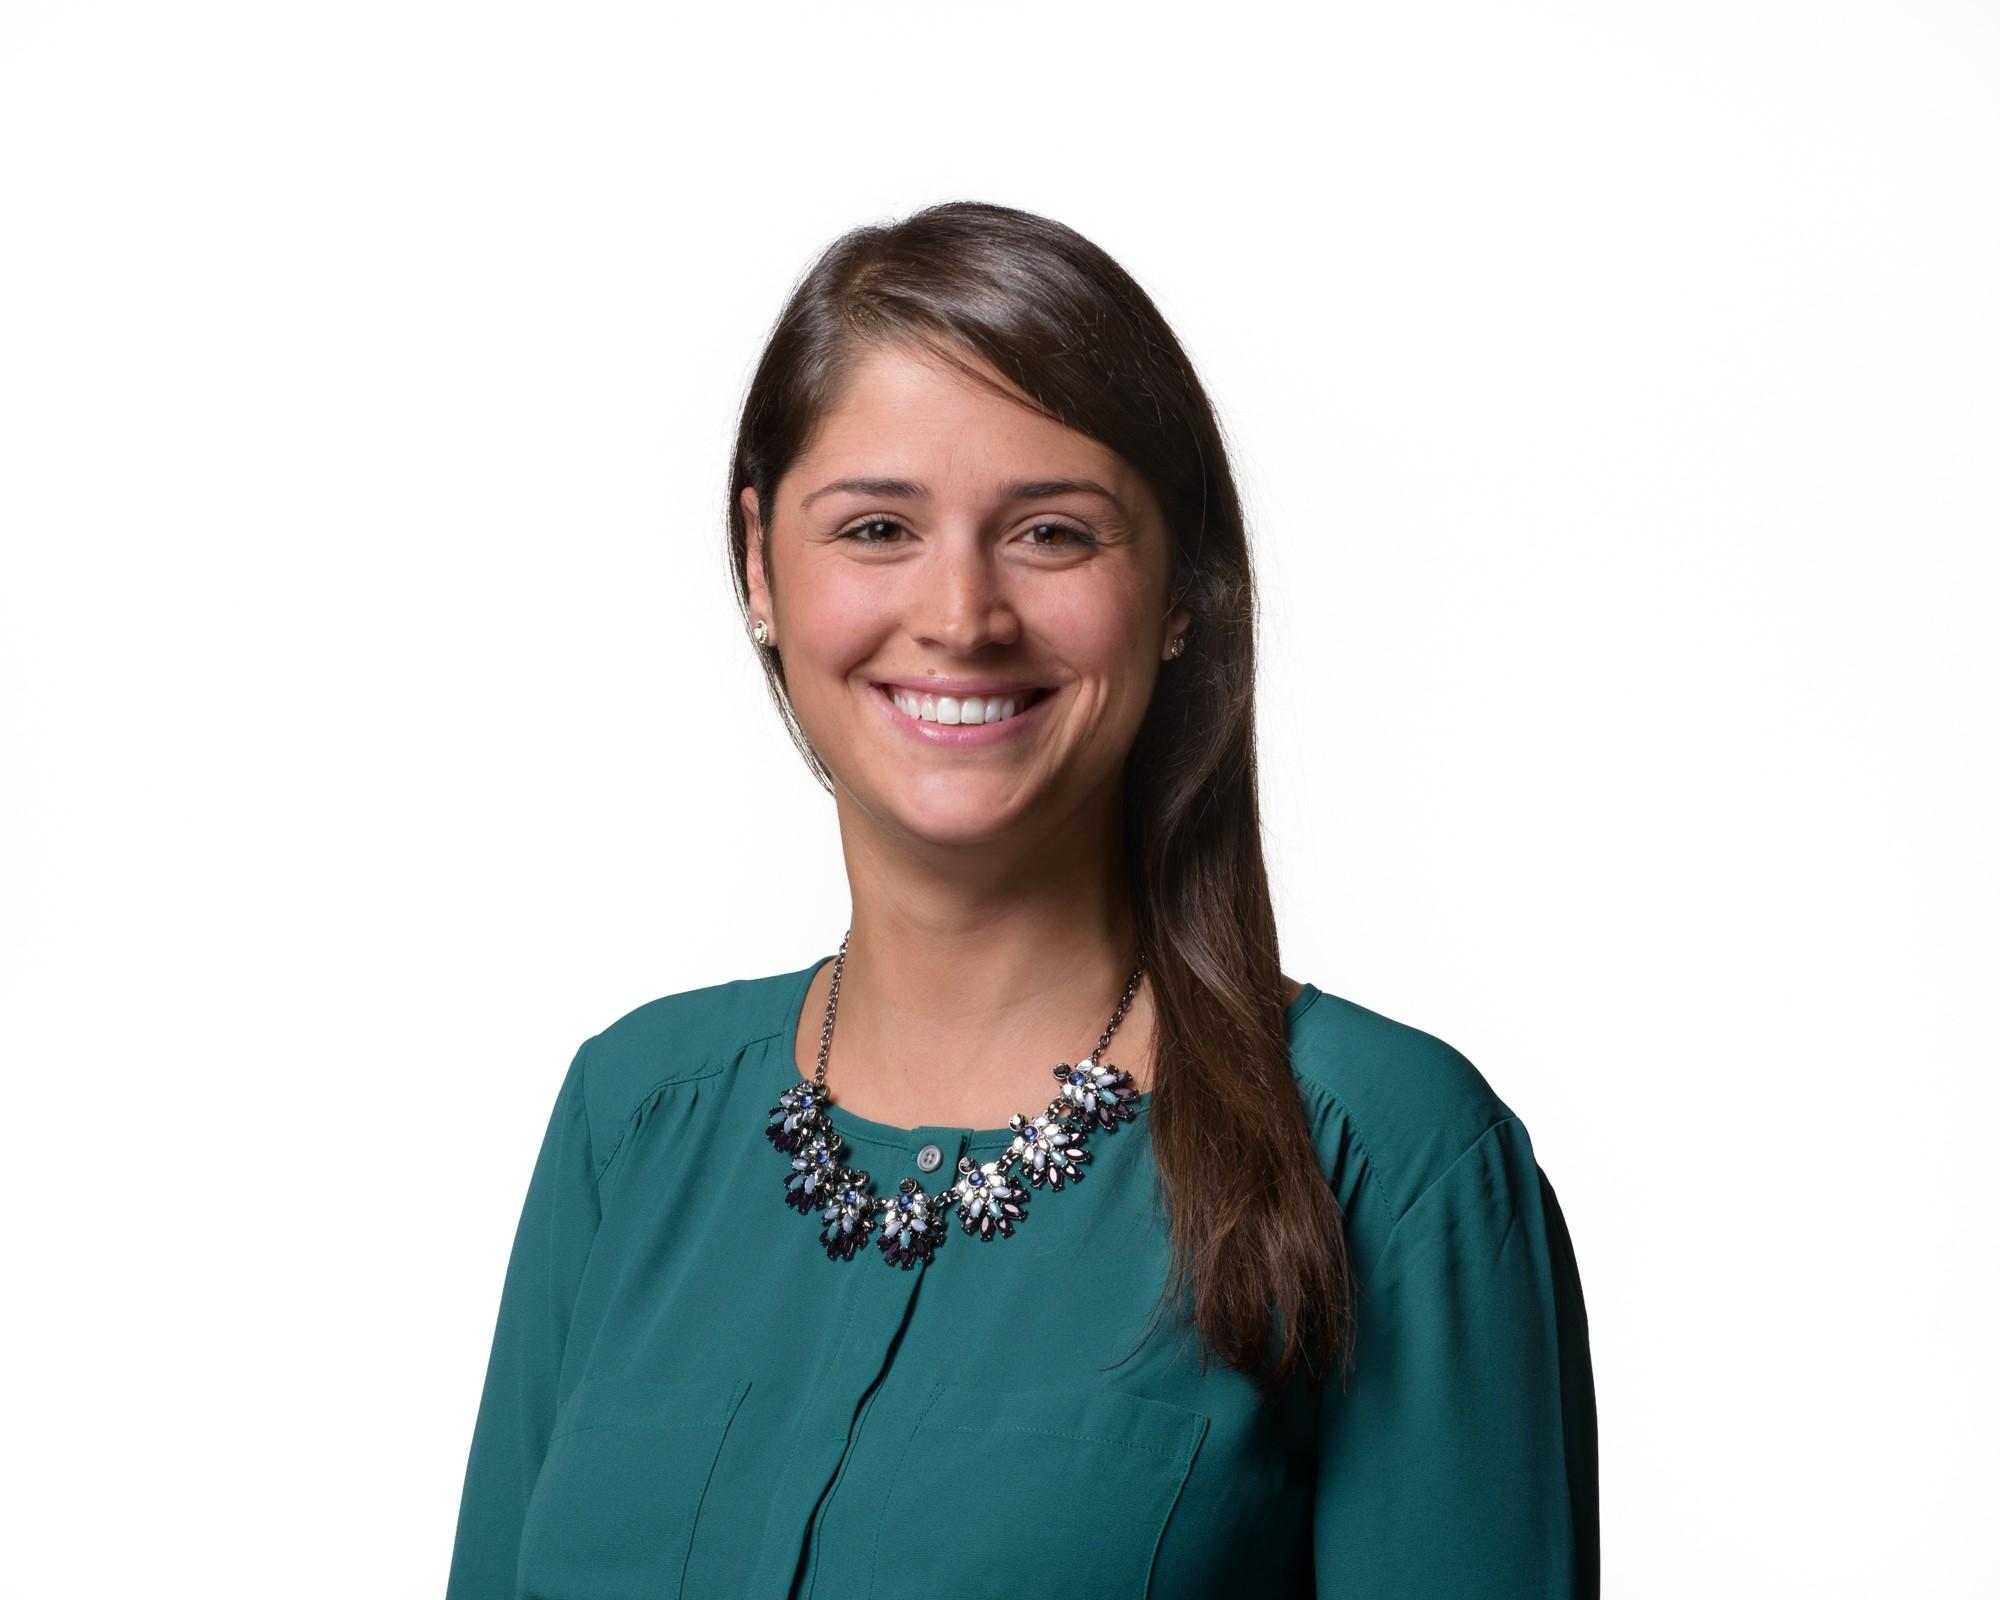 Jenna Martell